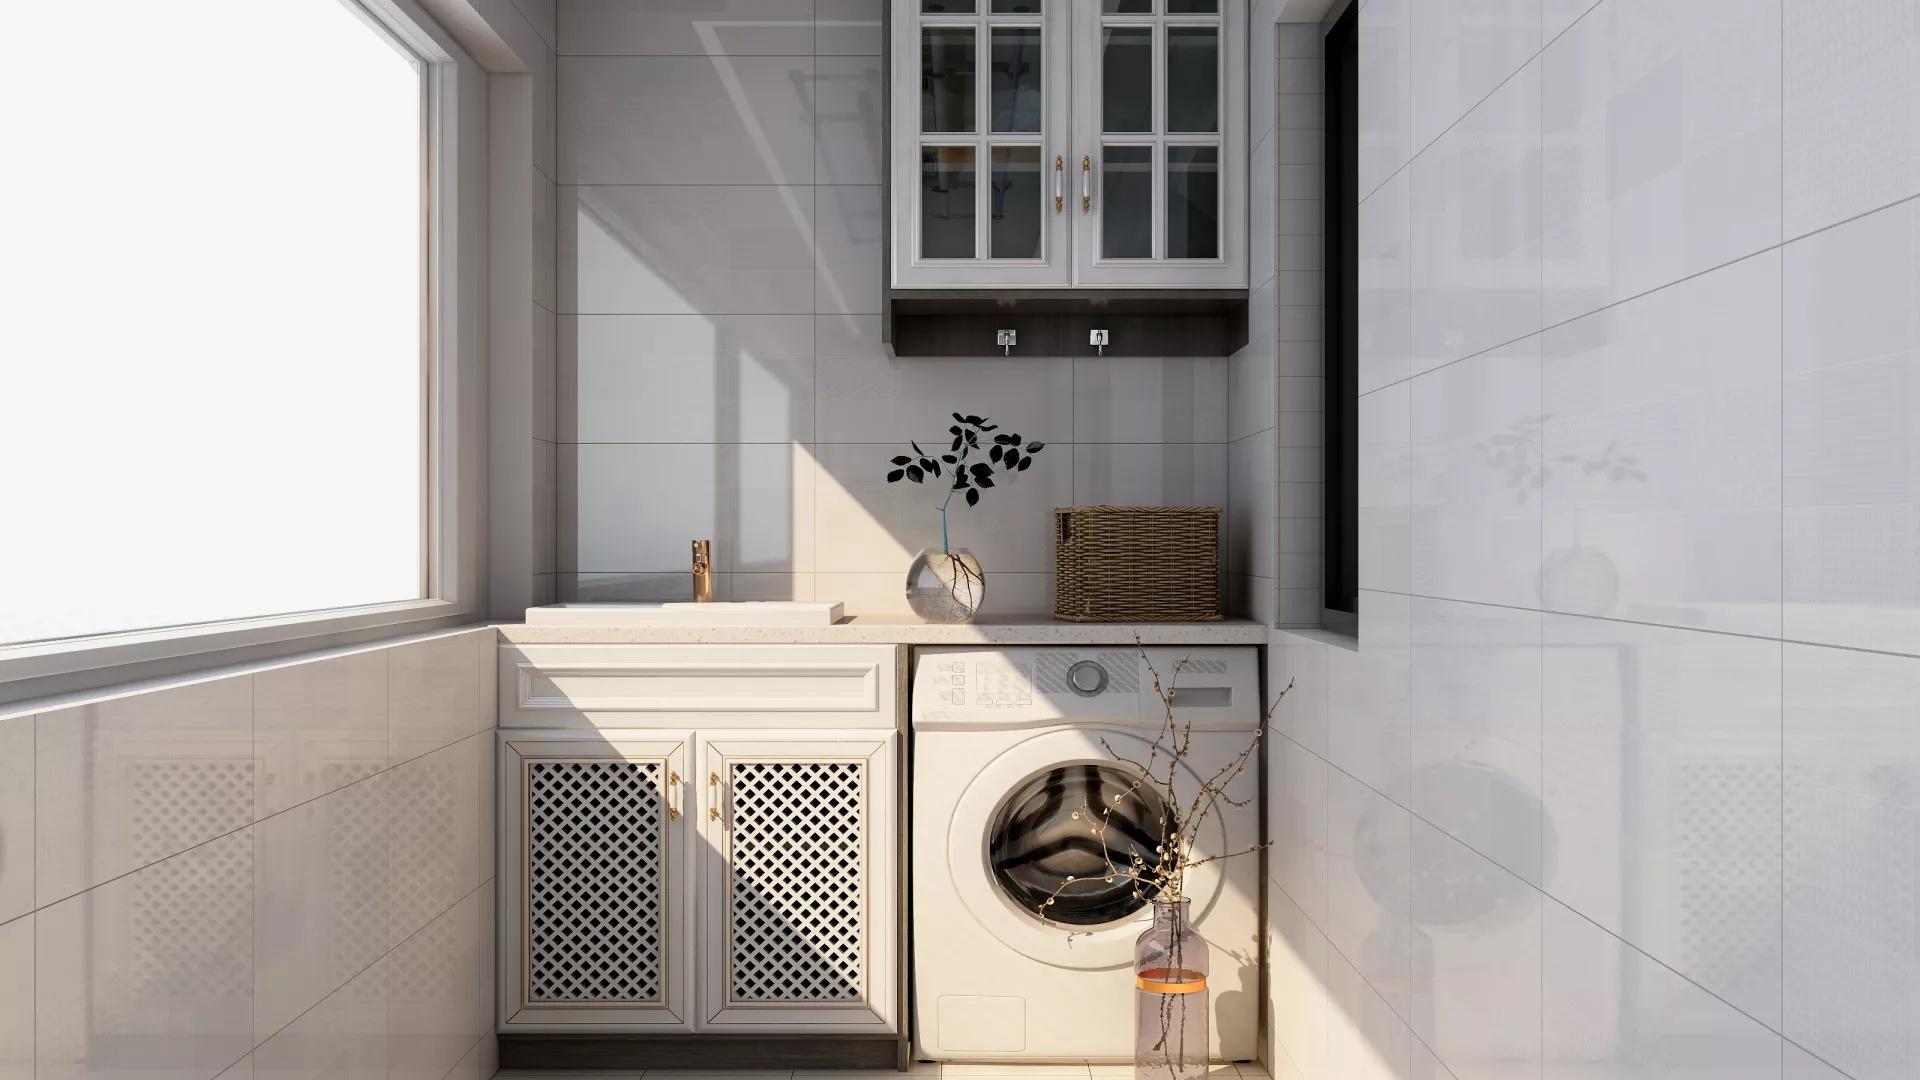 全铝橱柜什么颜色好看?全铝橱柜颜色搭配技巧